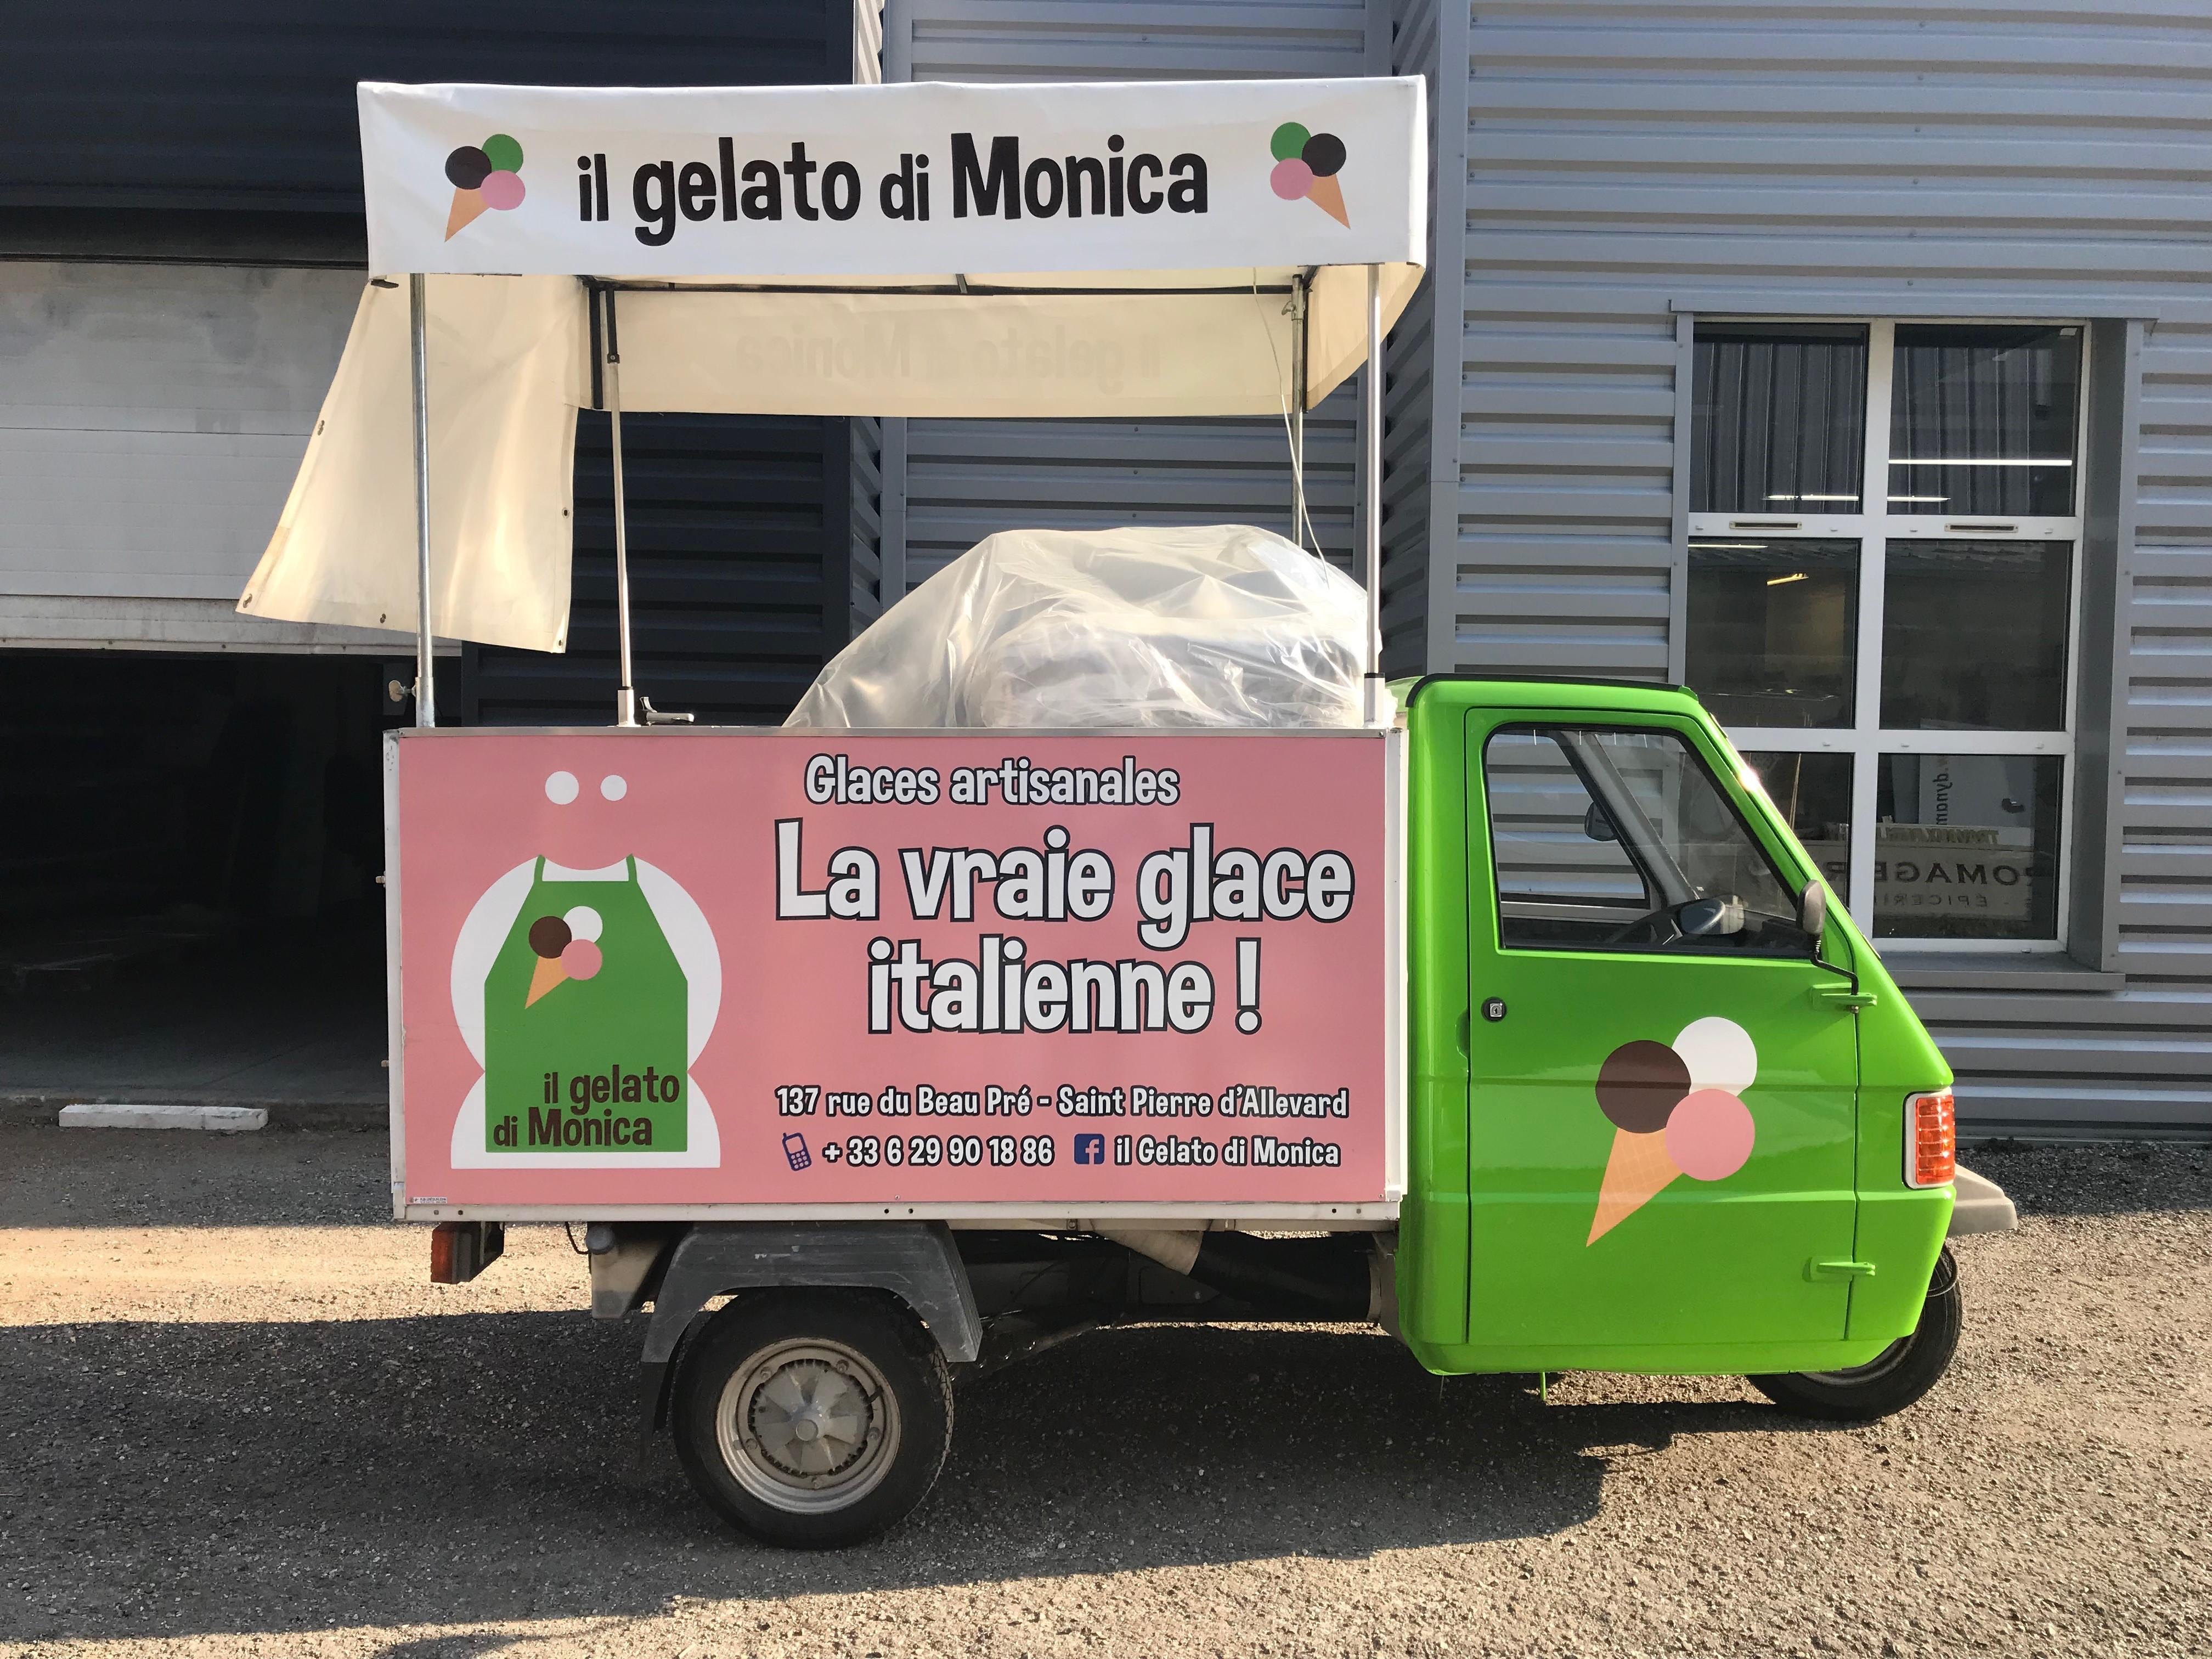 camion-monica-allevard-covering-pubgresivaudan-isere